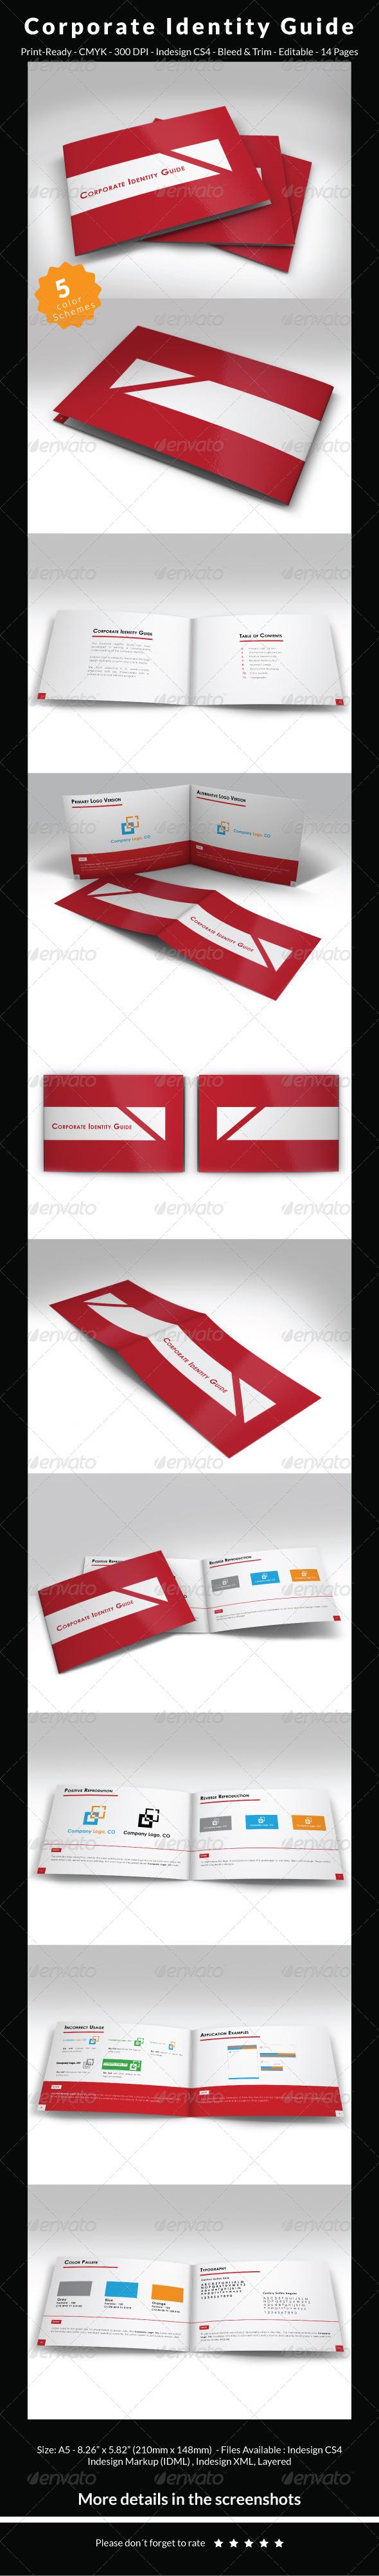 GraphicRiver Corporate Identity Guide Template 6808795